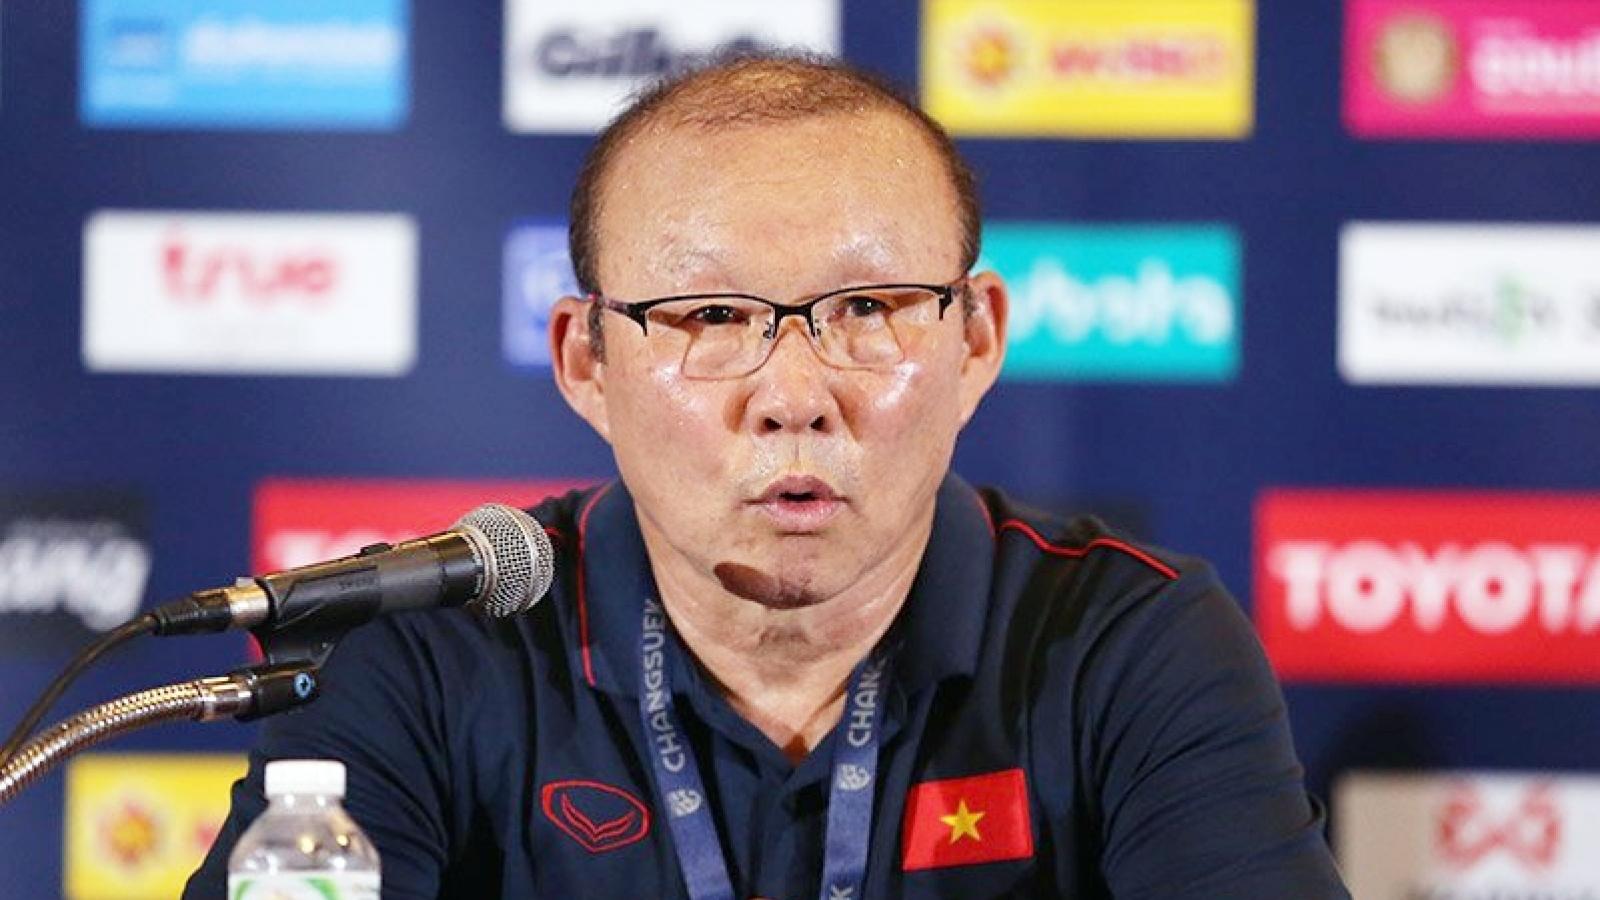 Lãnh đạo VFF bất ngờ nói về hợp đồng của HLV Park Hang Seo